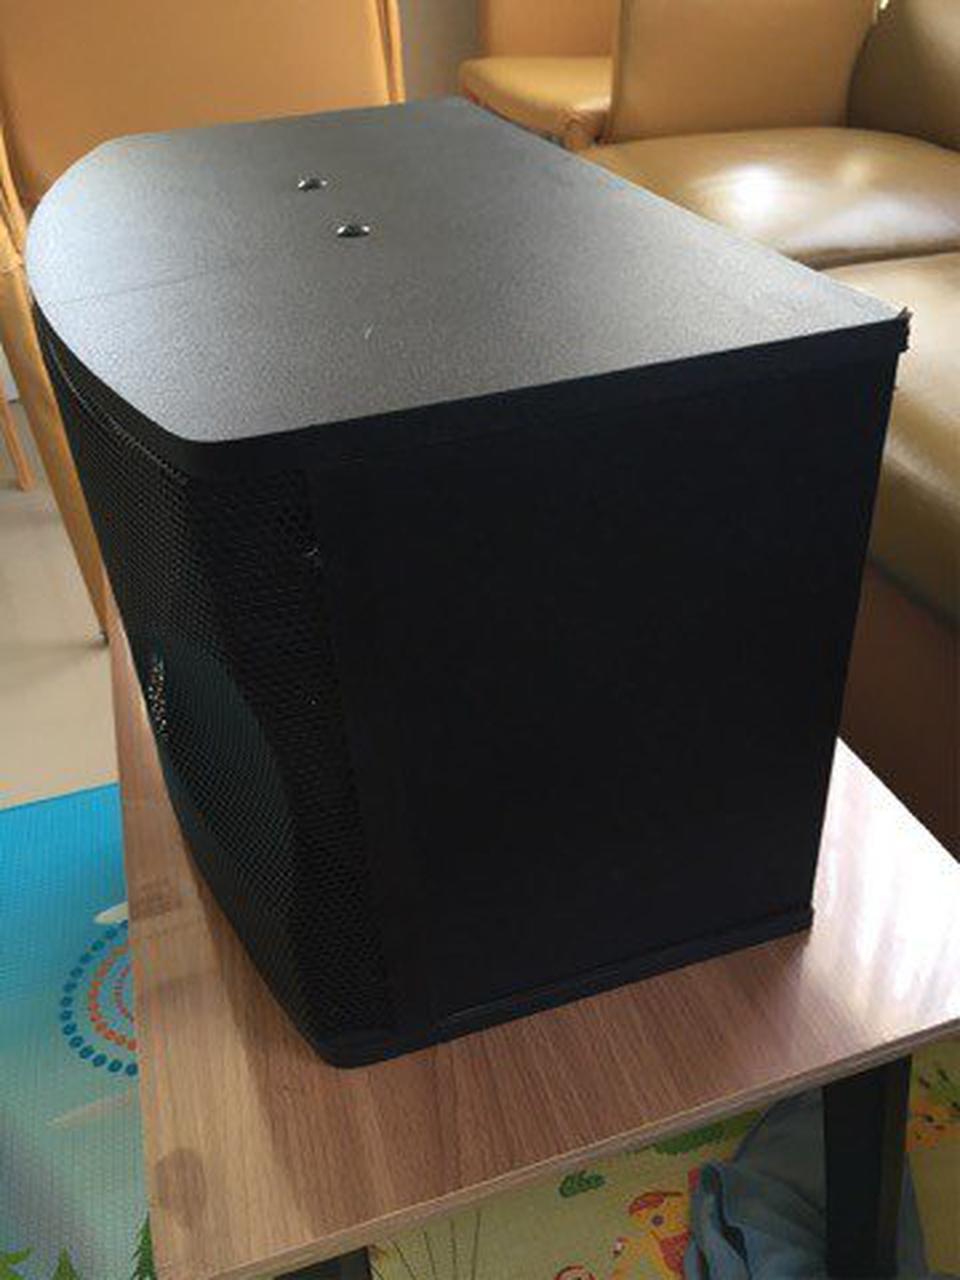 ขายลำโพง BMB CS-450V MK II 2,900 บาท รูปที่ 2